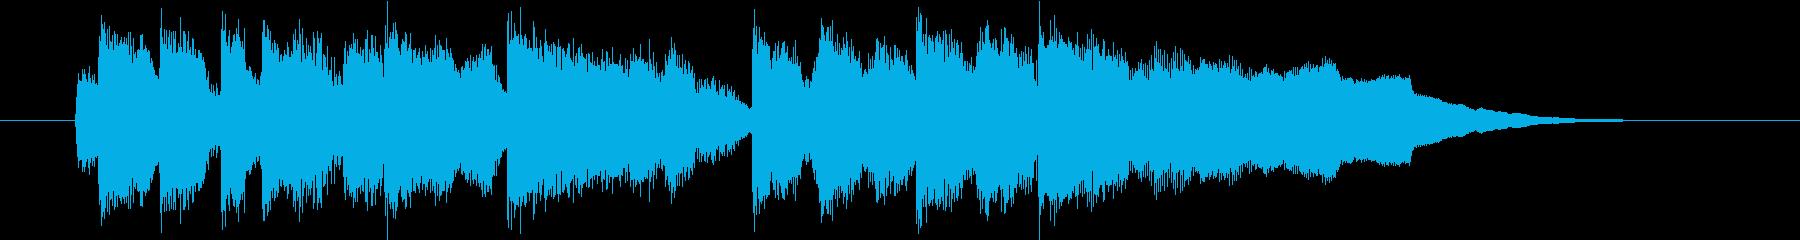 明るい短めのスローテンポの曲の再生済みの波形